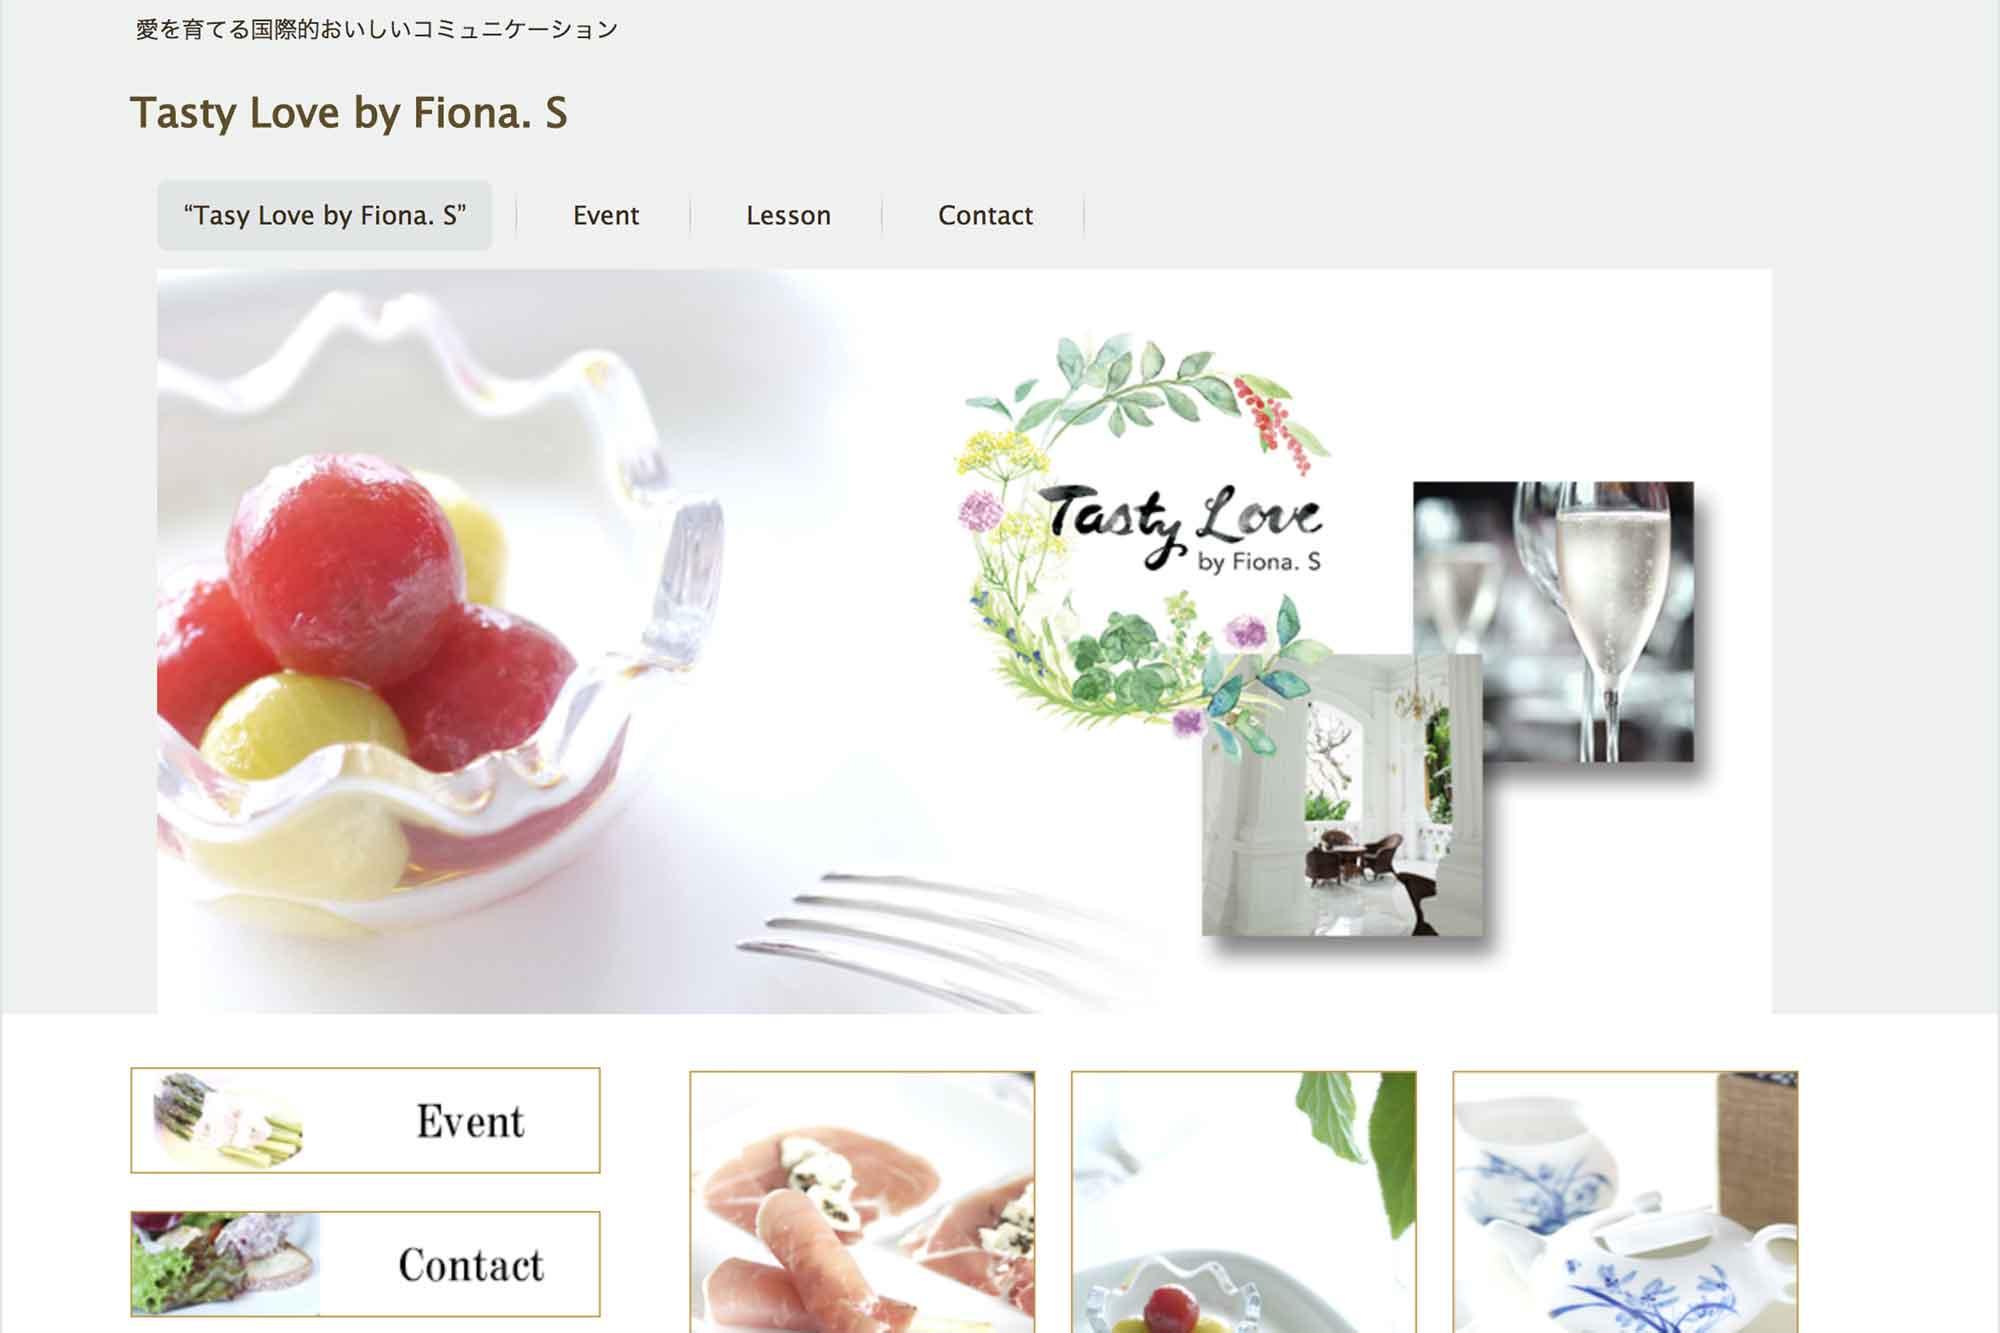 ワードプレスでホームページ作品:Tasty Love by Fiona. S